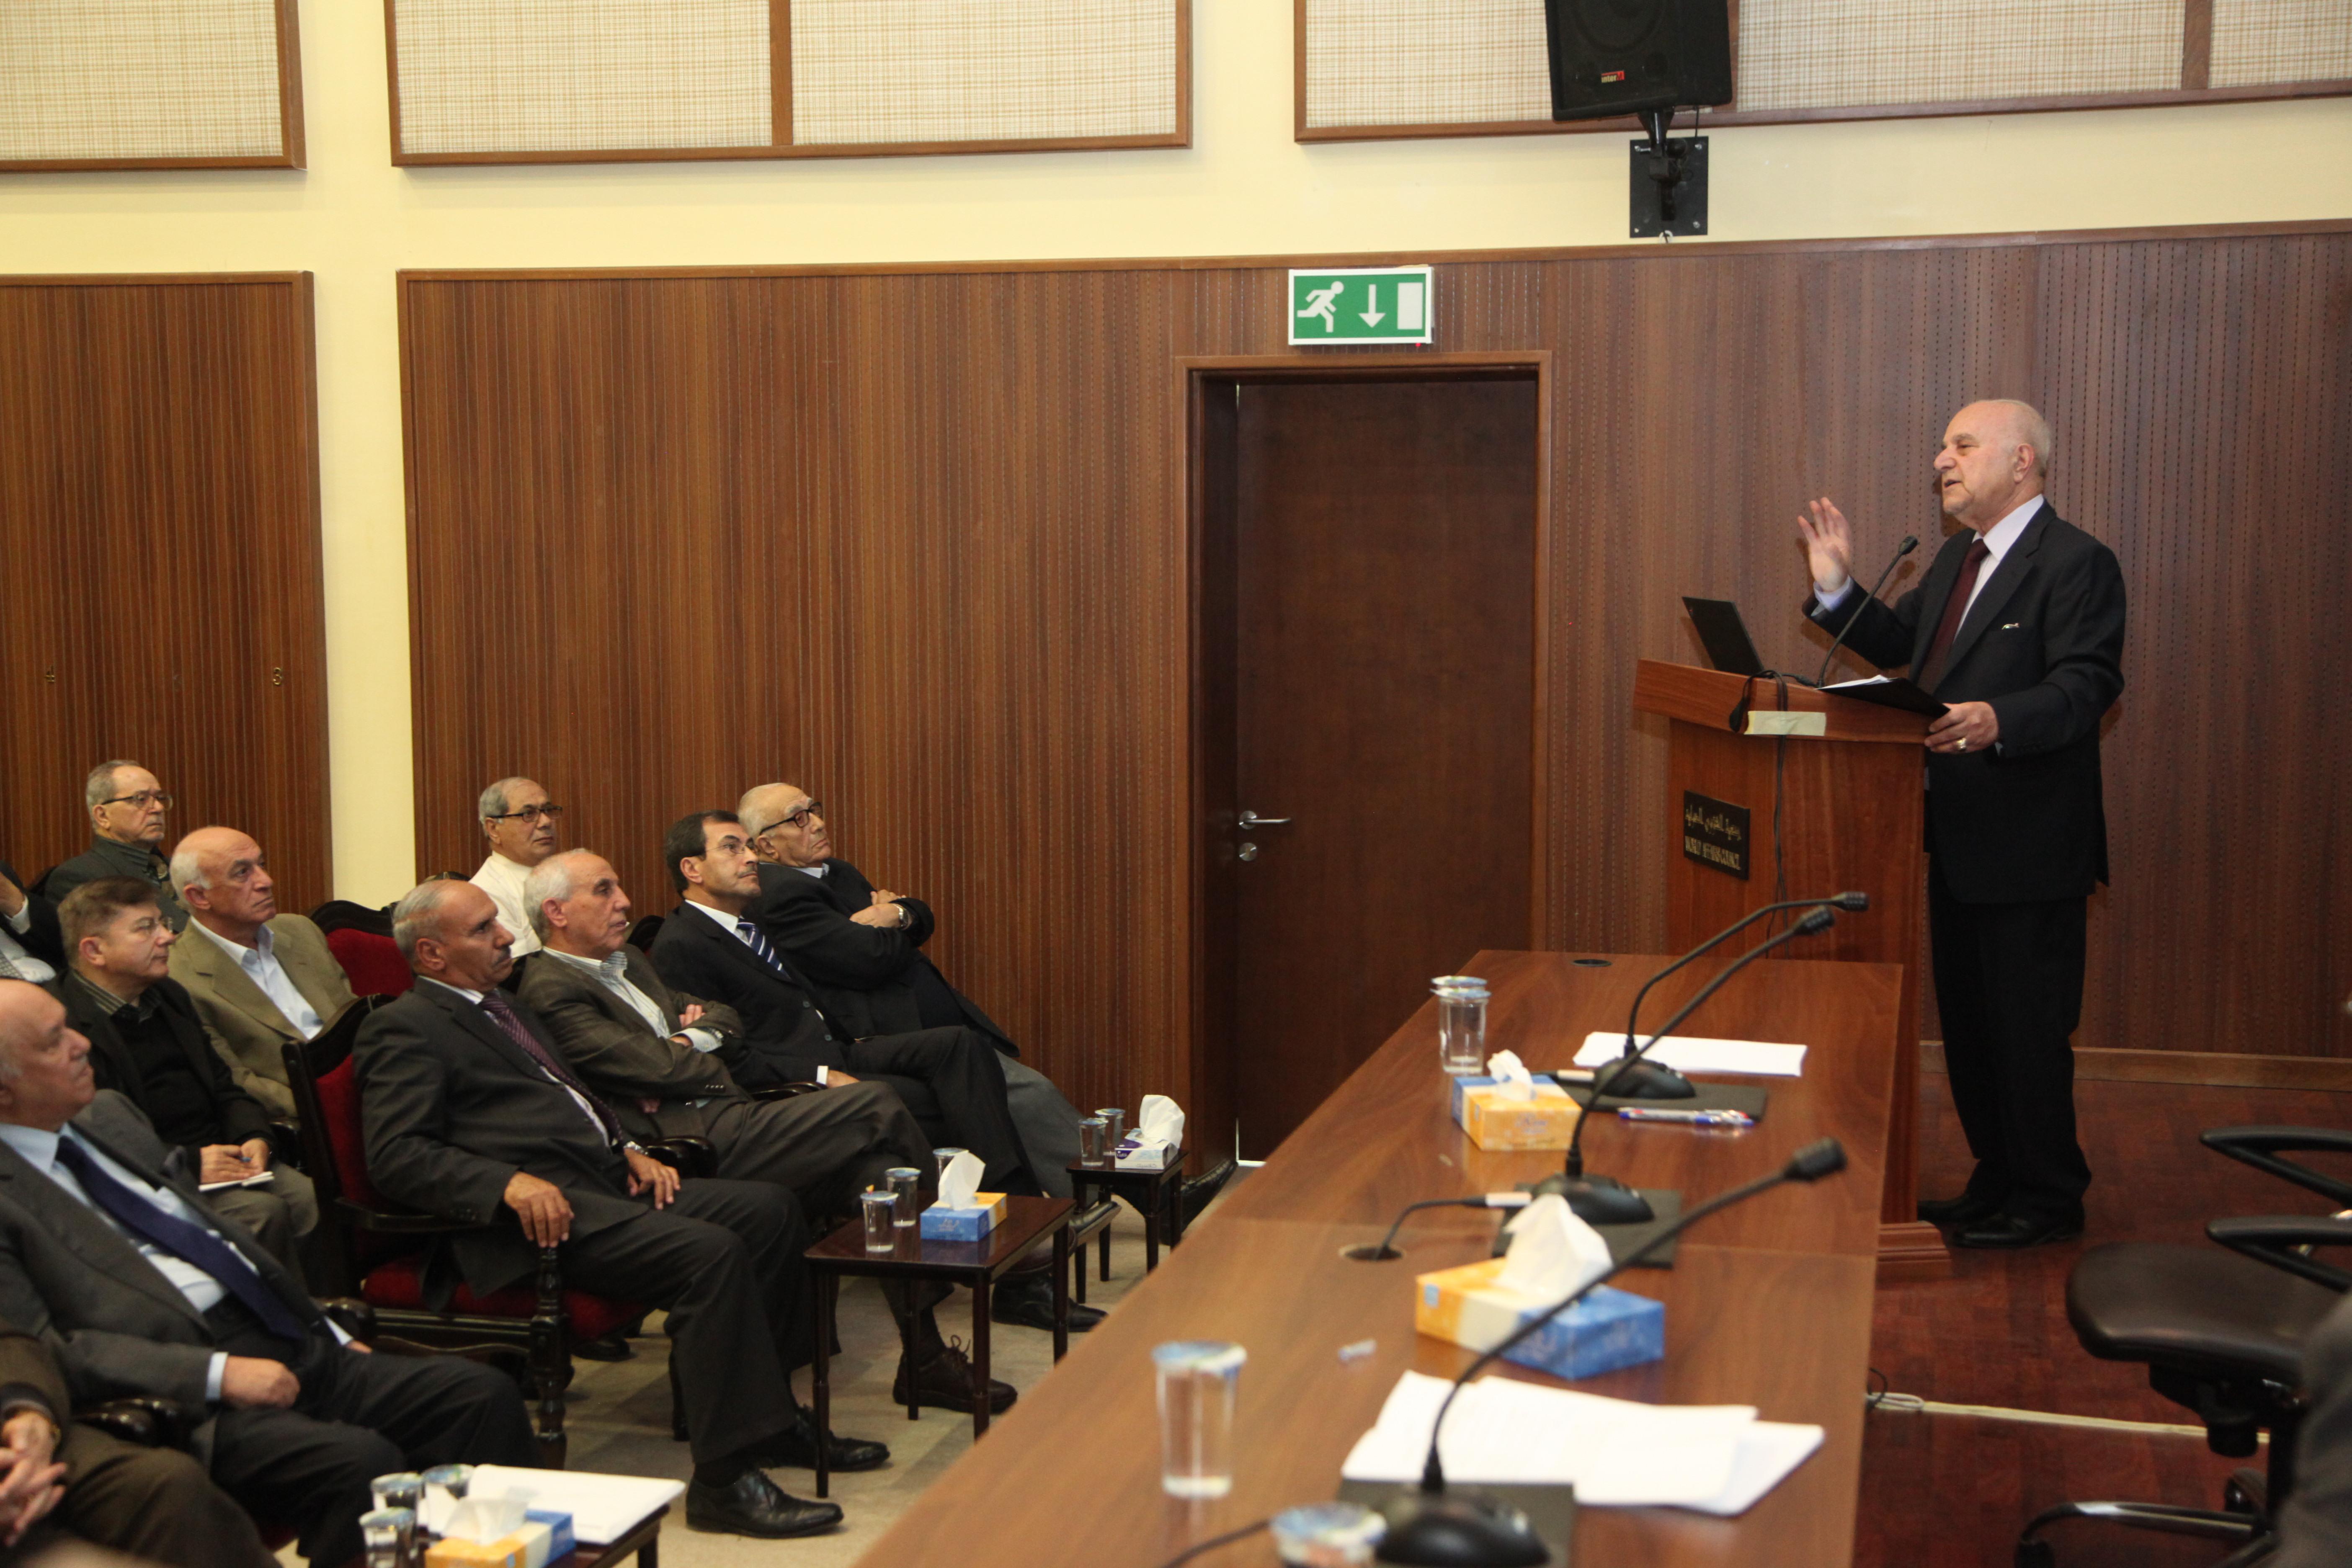 """الدكتور عدنان بدران يحاضر في جمعية الشؤون الدولية""""الإصلاح ومنظومة التعليم العالي"""""""